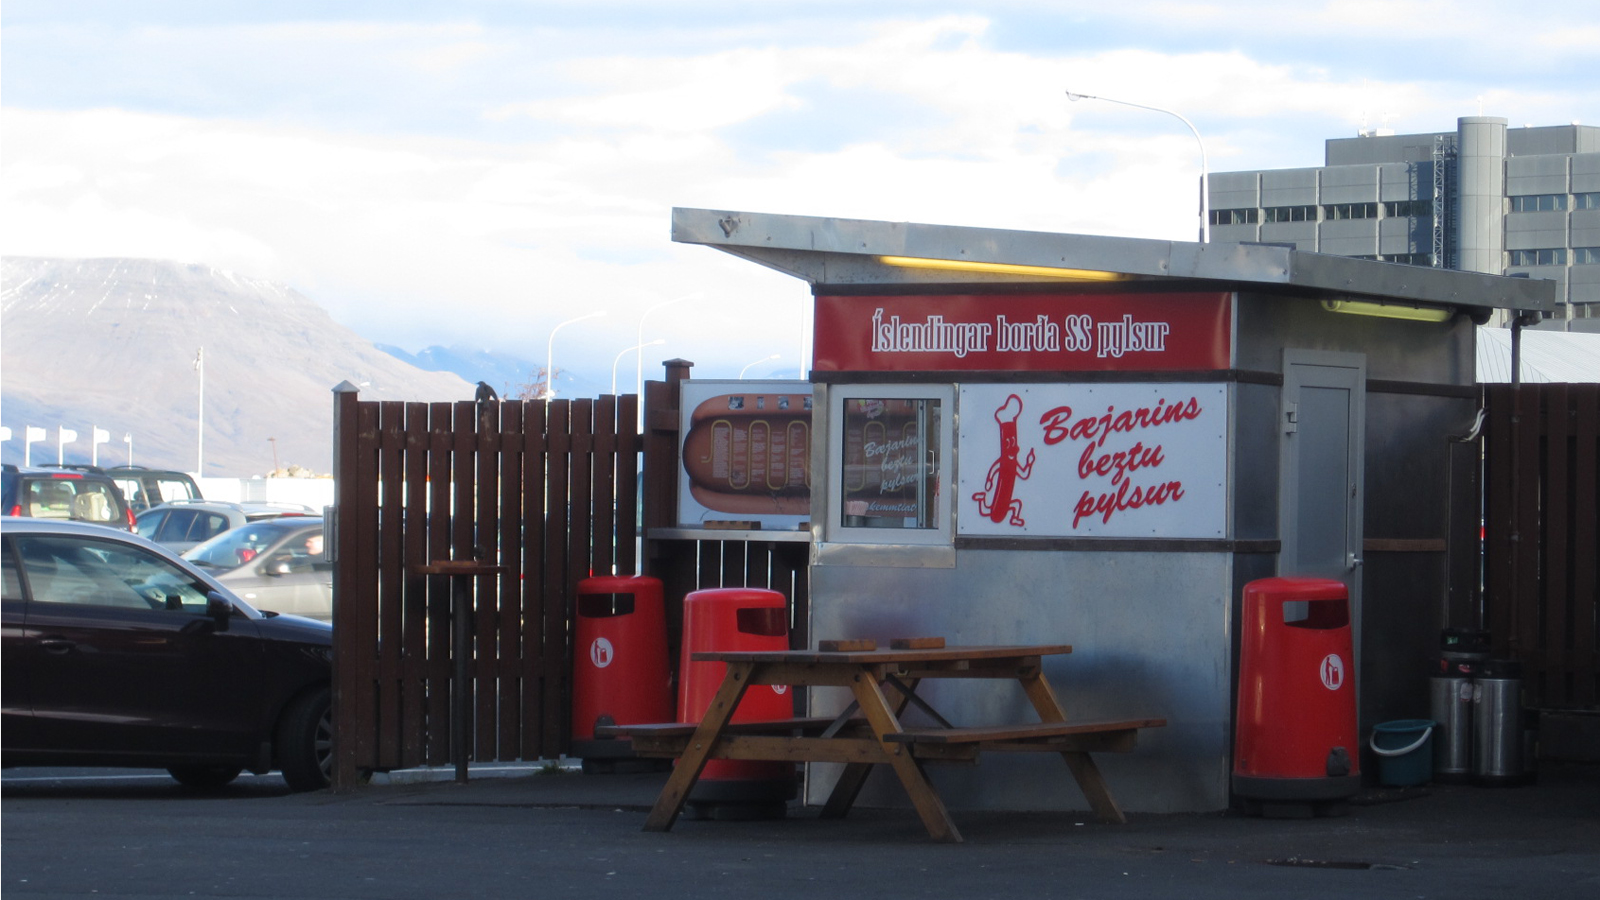 reikiavik, cosas que hacer en reikiavik, cosas que ver reikiavik, las mejores cosas que ver en reikiavik, las mejores cosas que hacer en reikiavik, islandia, cosas que hacer en islandia, cosas que ver en islandia, Reykjavík, cosas que ver en Reykjavík, cosas que hacer en Reykjavík, tourism in Reykjavík, takemysecrets